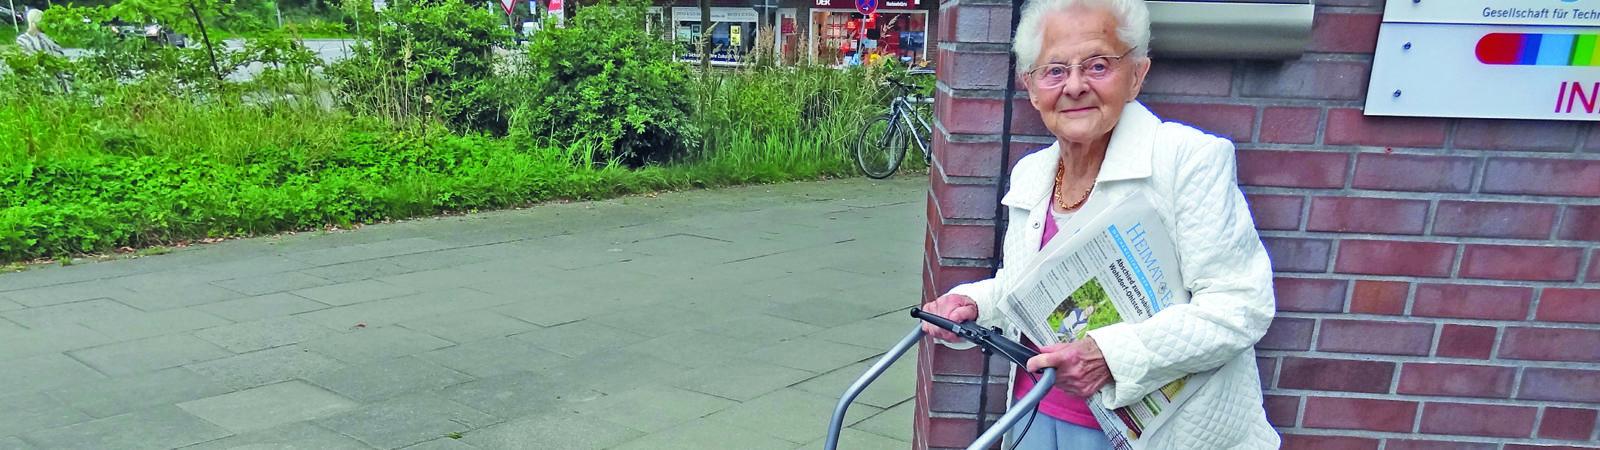 Käthe Ewert ist die älteste Zeitungsausträgerin in Hamburgs Nord-Osten